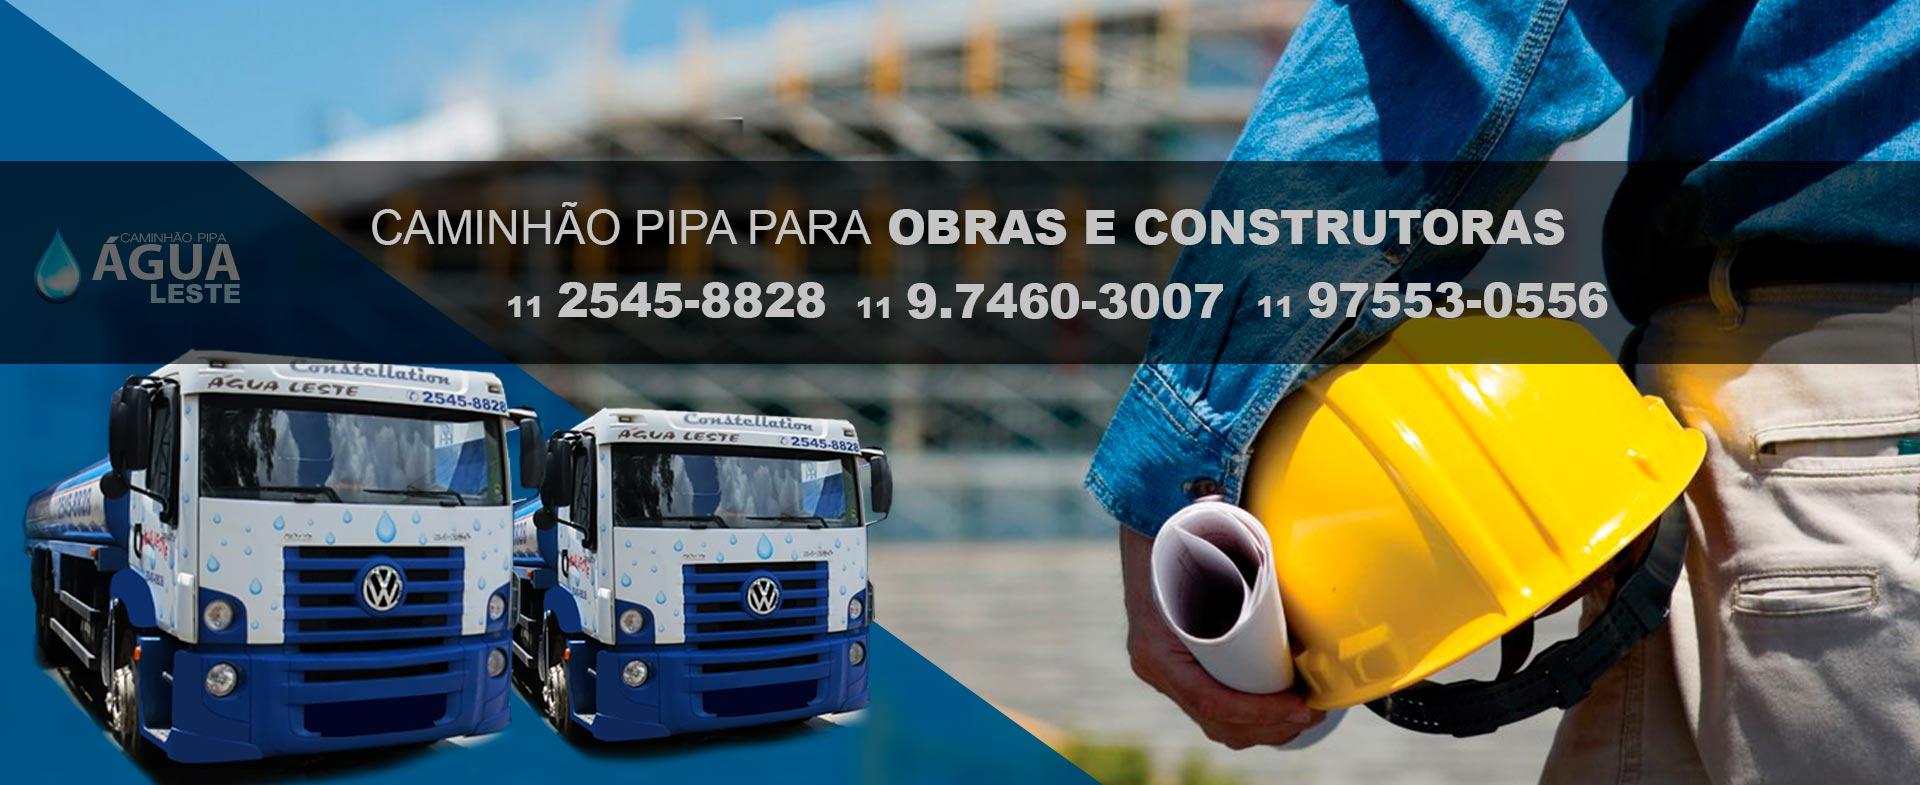 CAMINHÃO PIPA PARA OBRAS E CONSTRUTORAS